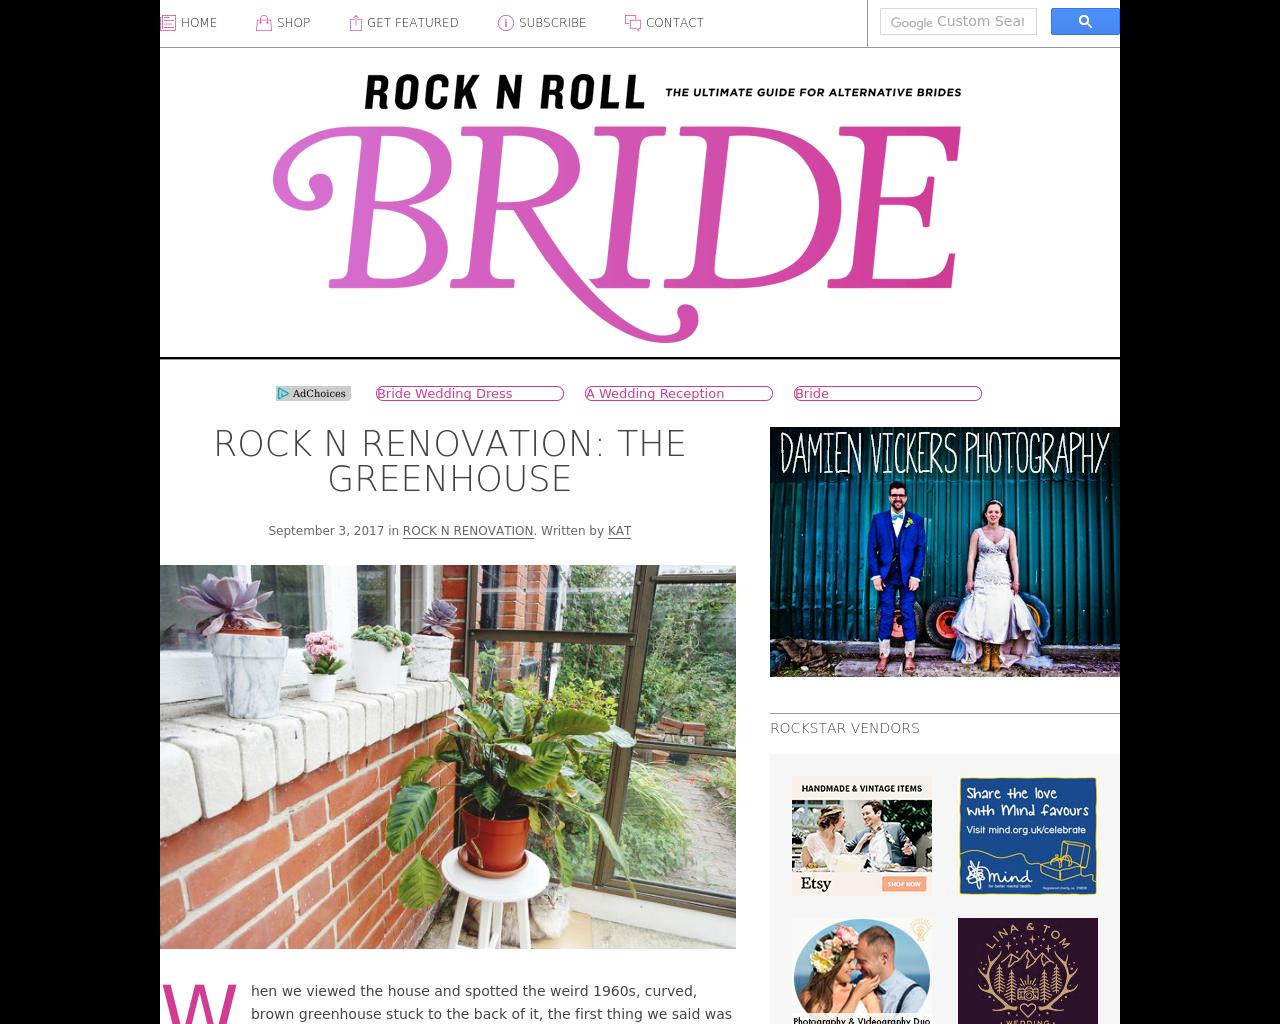 Rock-N-Roll-Bride-Advertising-Reviews-Pricing